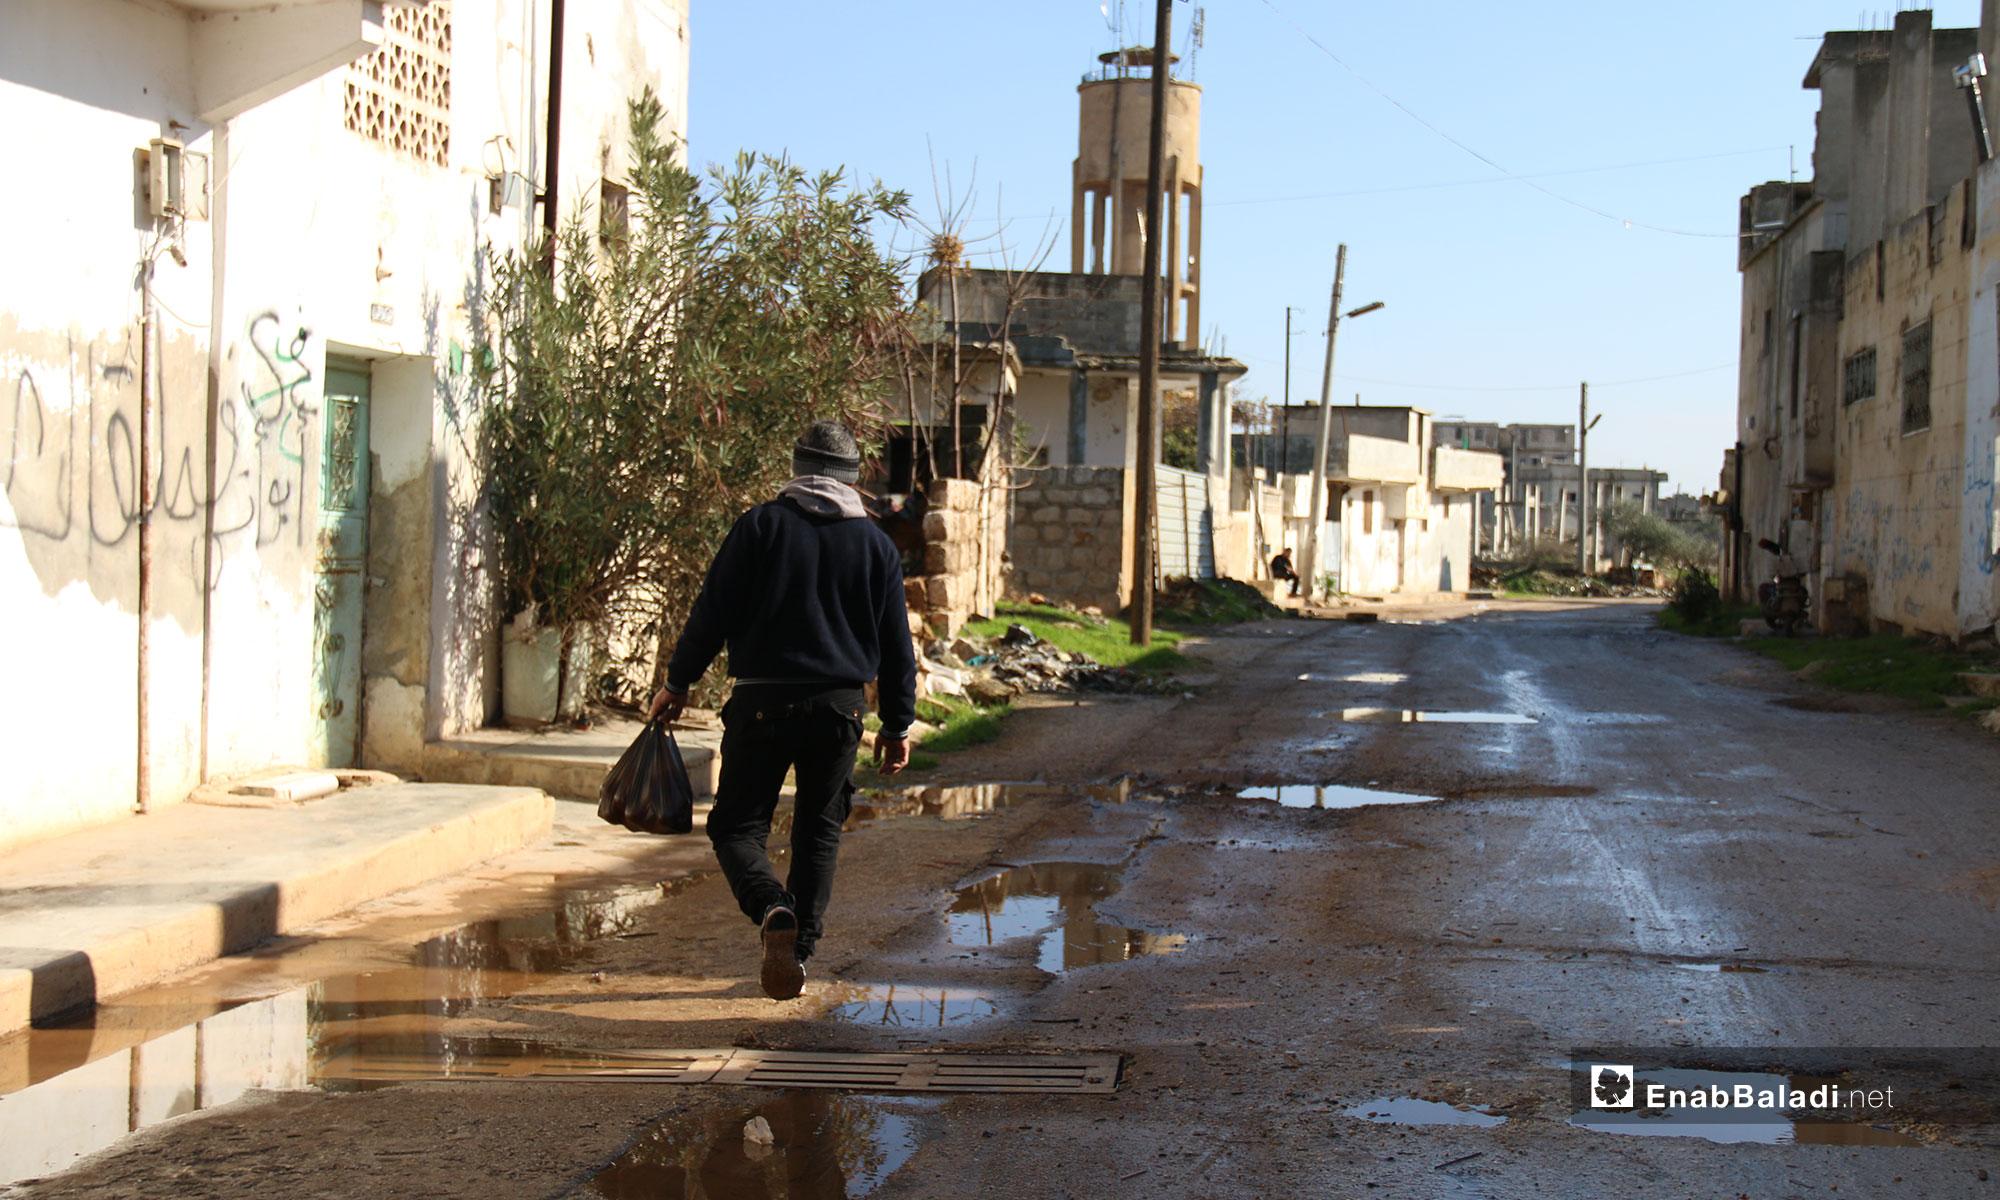 رجل من المهجرين في بلدة الفوعة - 24 من كانون الأول 2018 (عنب بلدي)